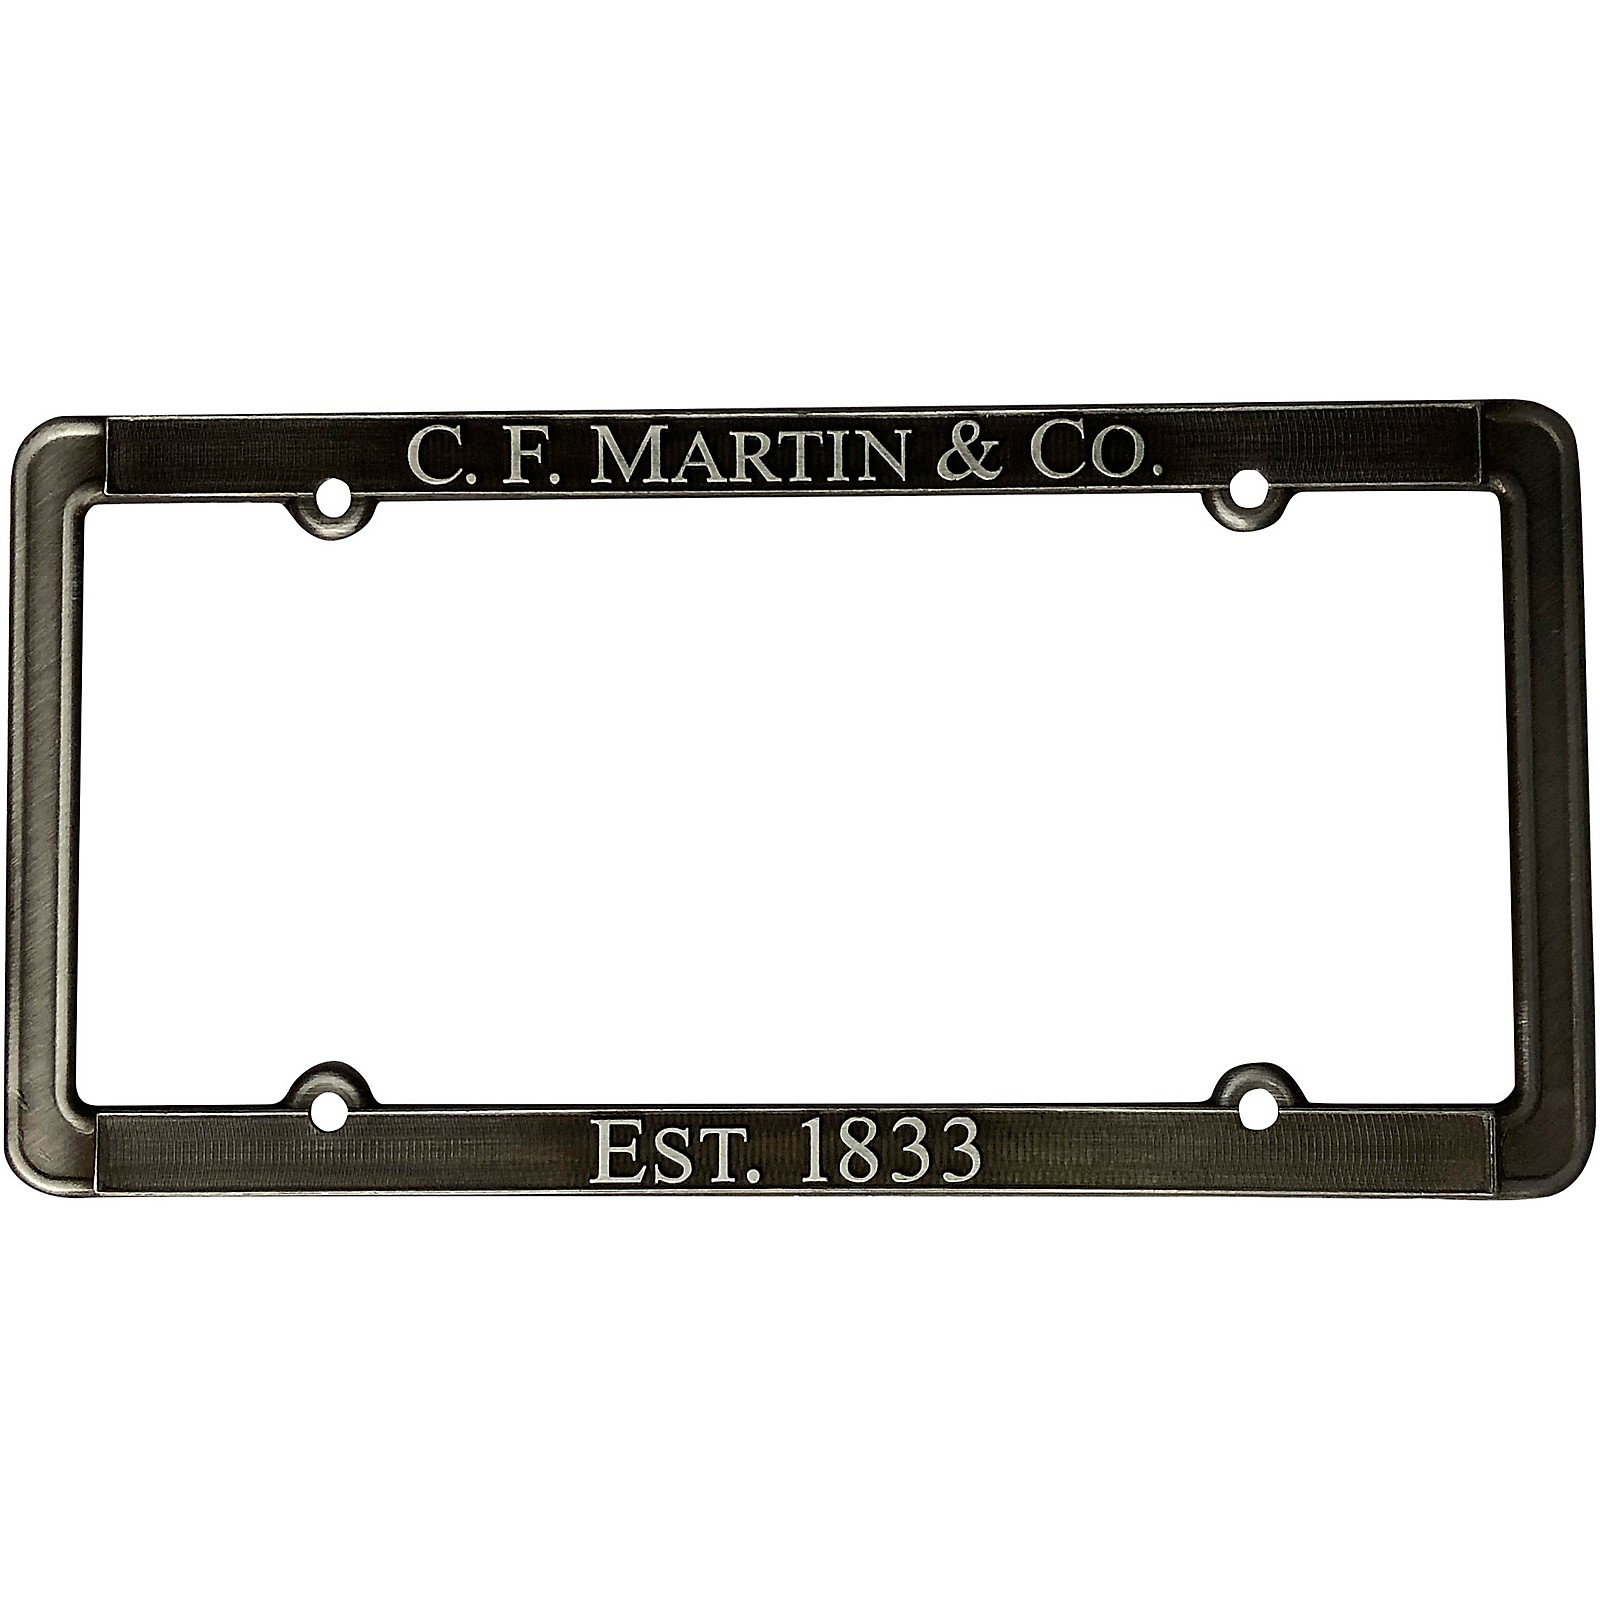 Martin Pewter License Plate Frame